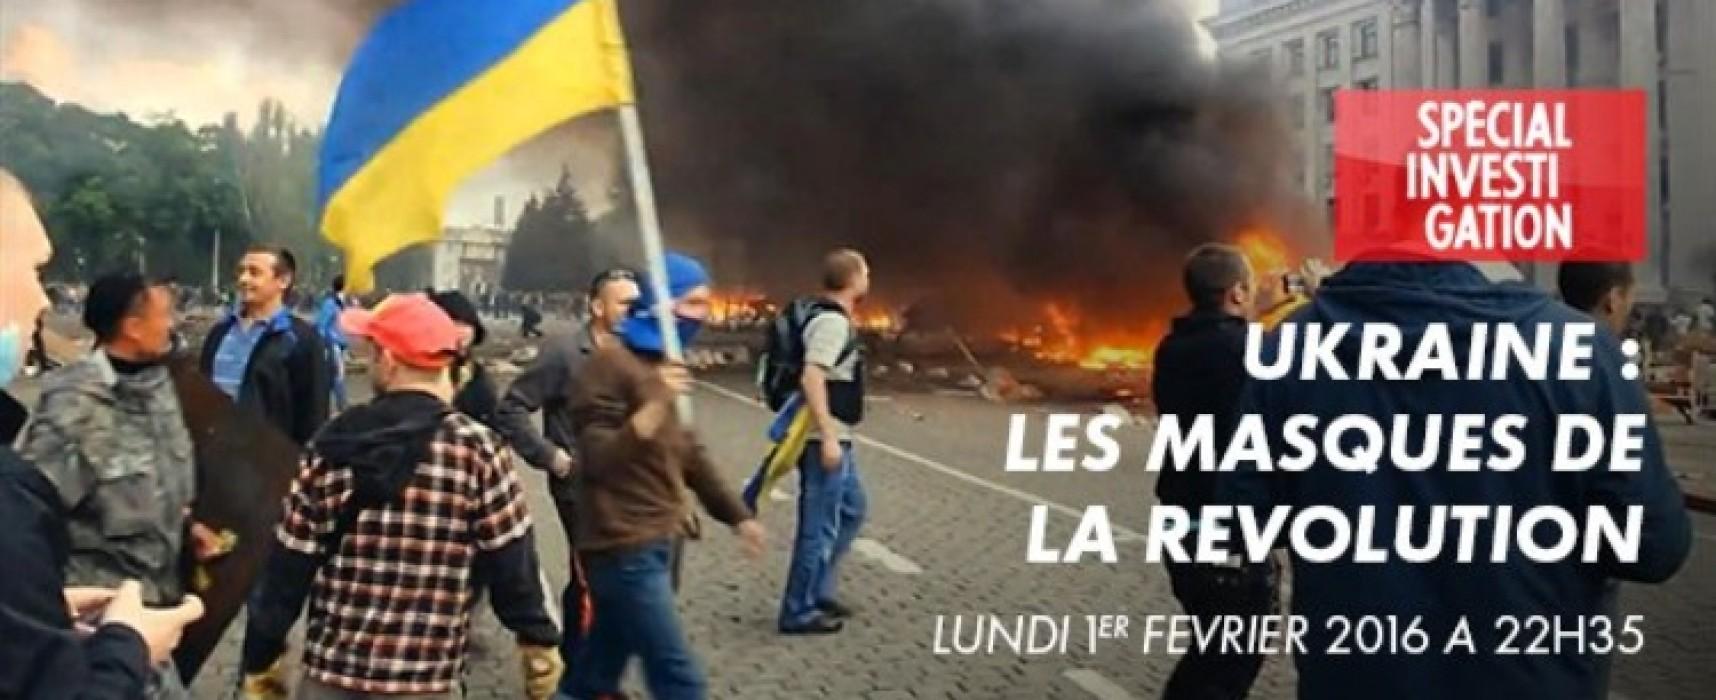 Les Masques de la Révolution: une illustration des manipulations par un journaliste